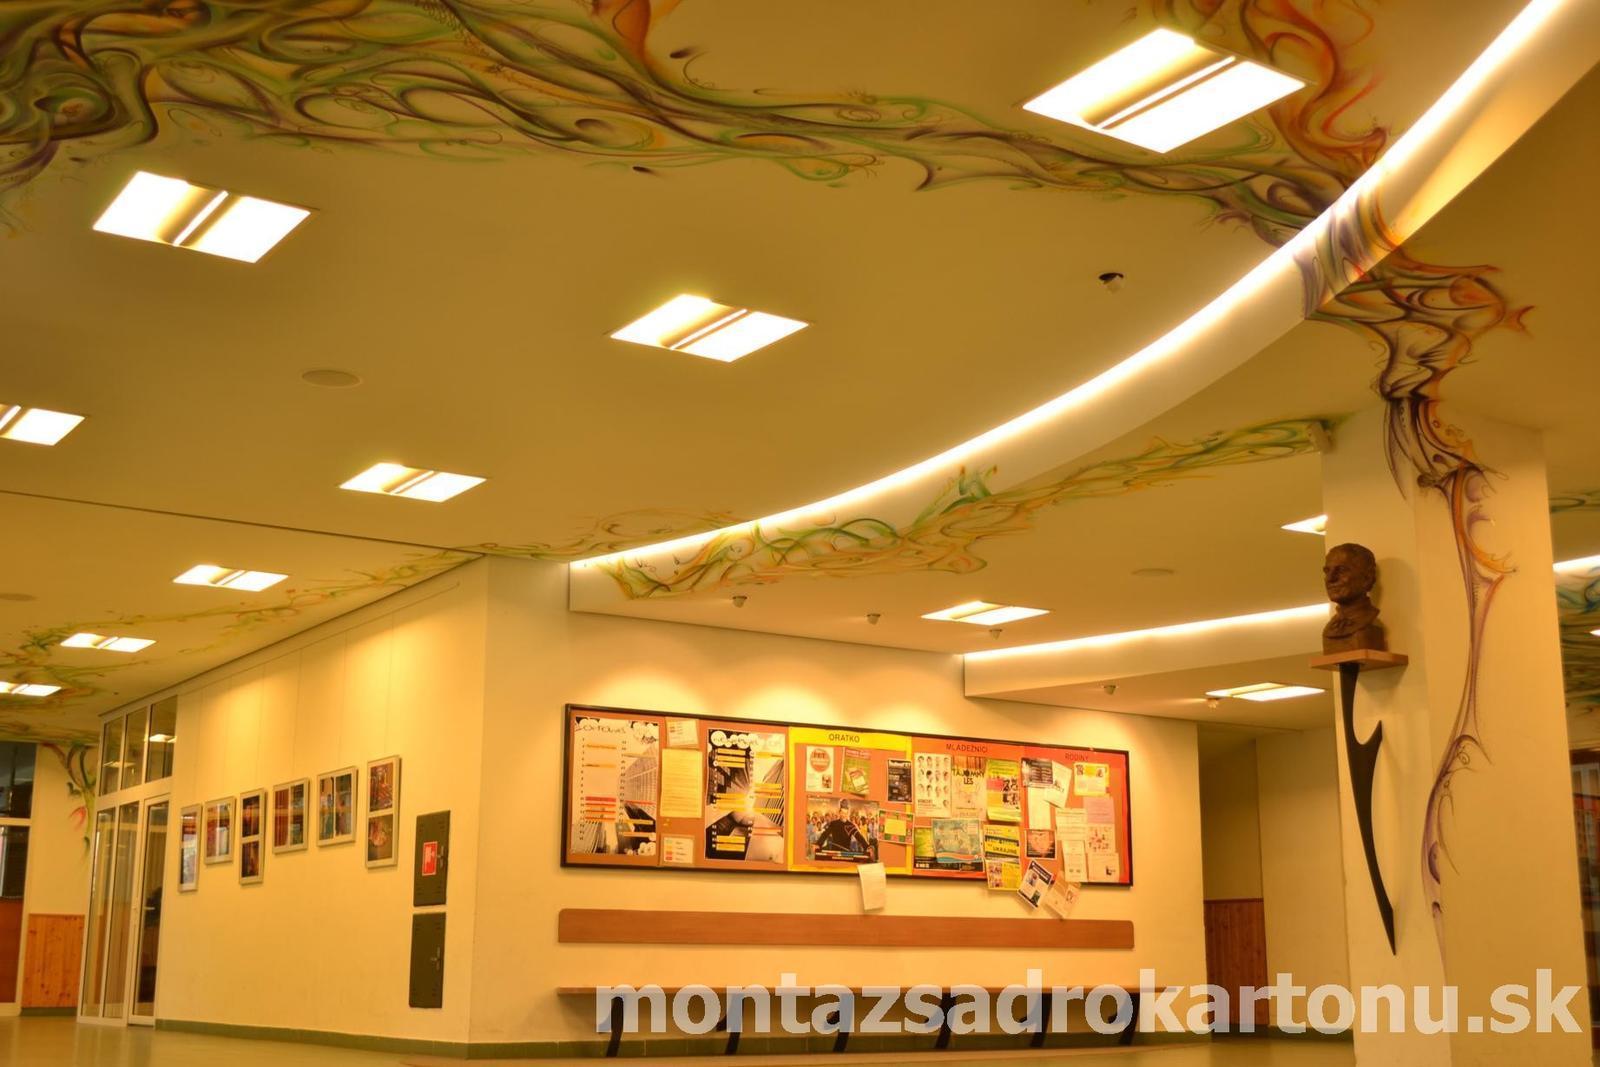 Dekoračné sadrokartónové podhľady - Oblukove sadrokartónové podhlady s nepriamym osvetlenim realizovane DryCon s.r.o.